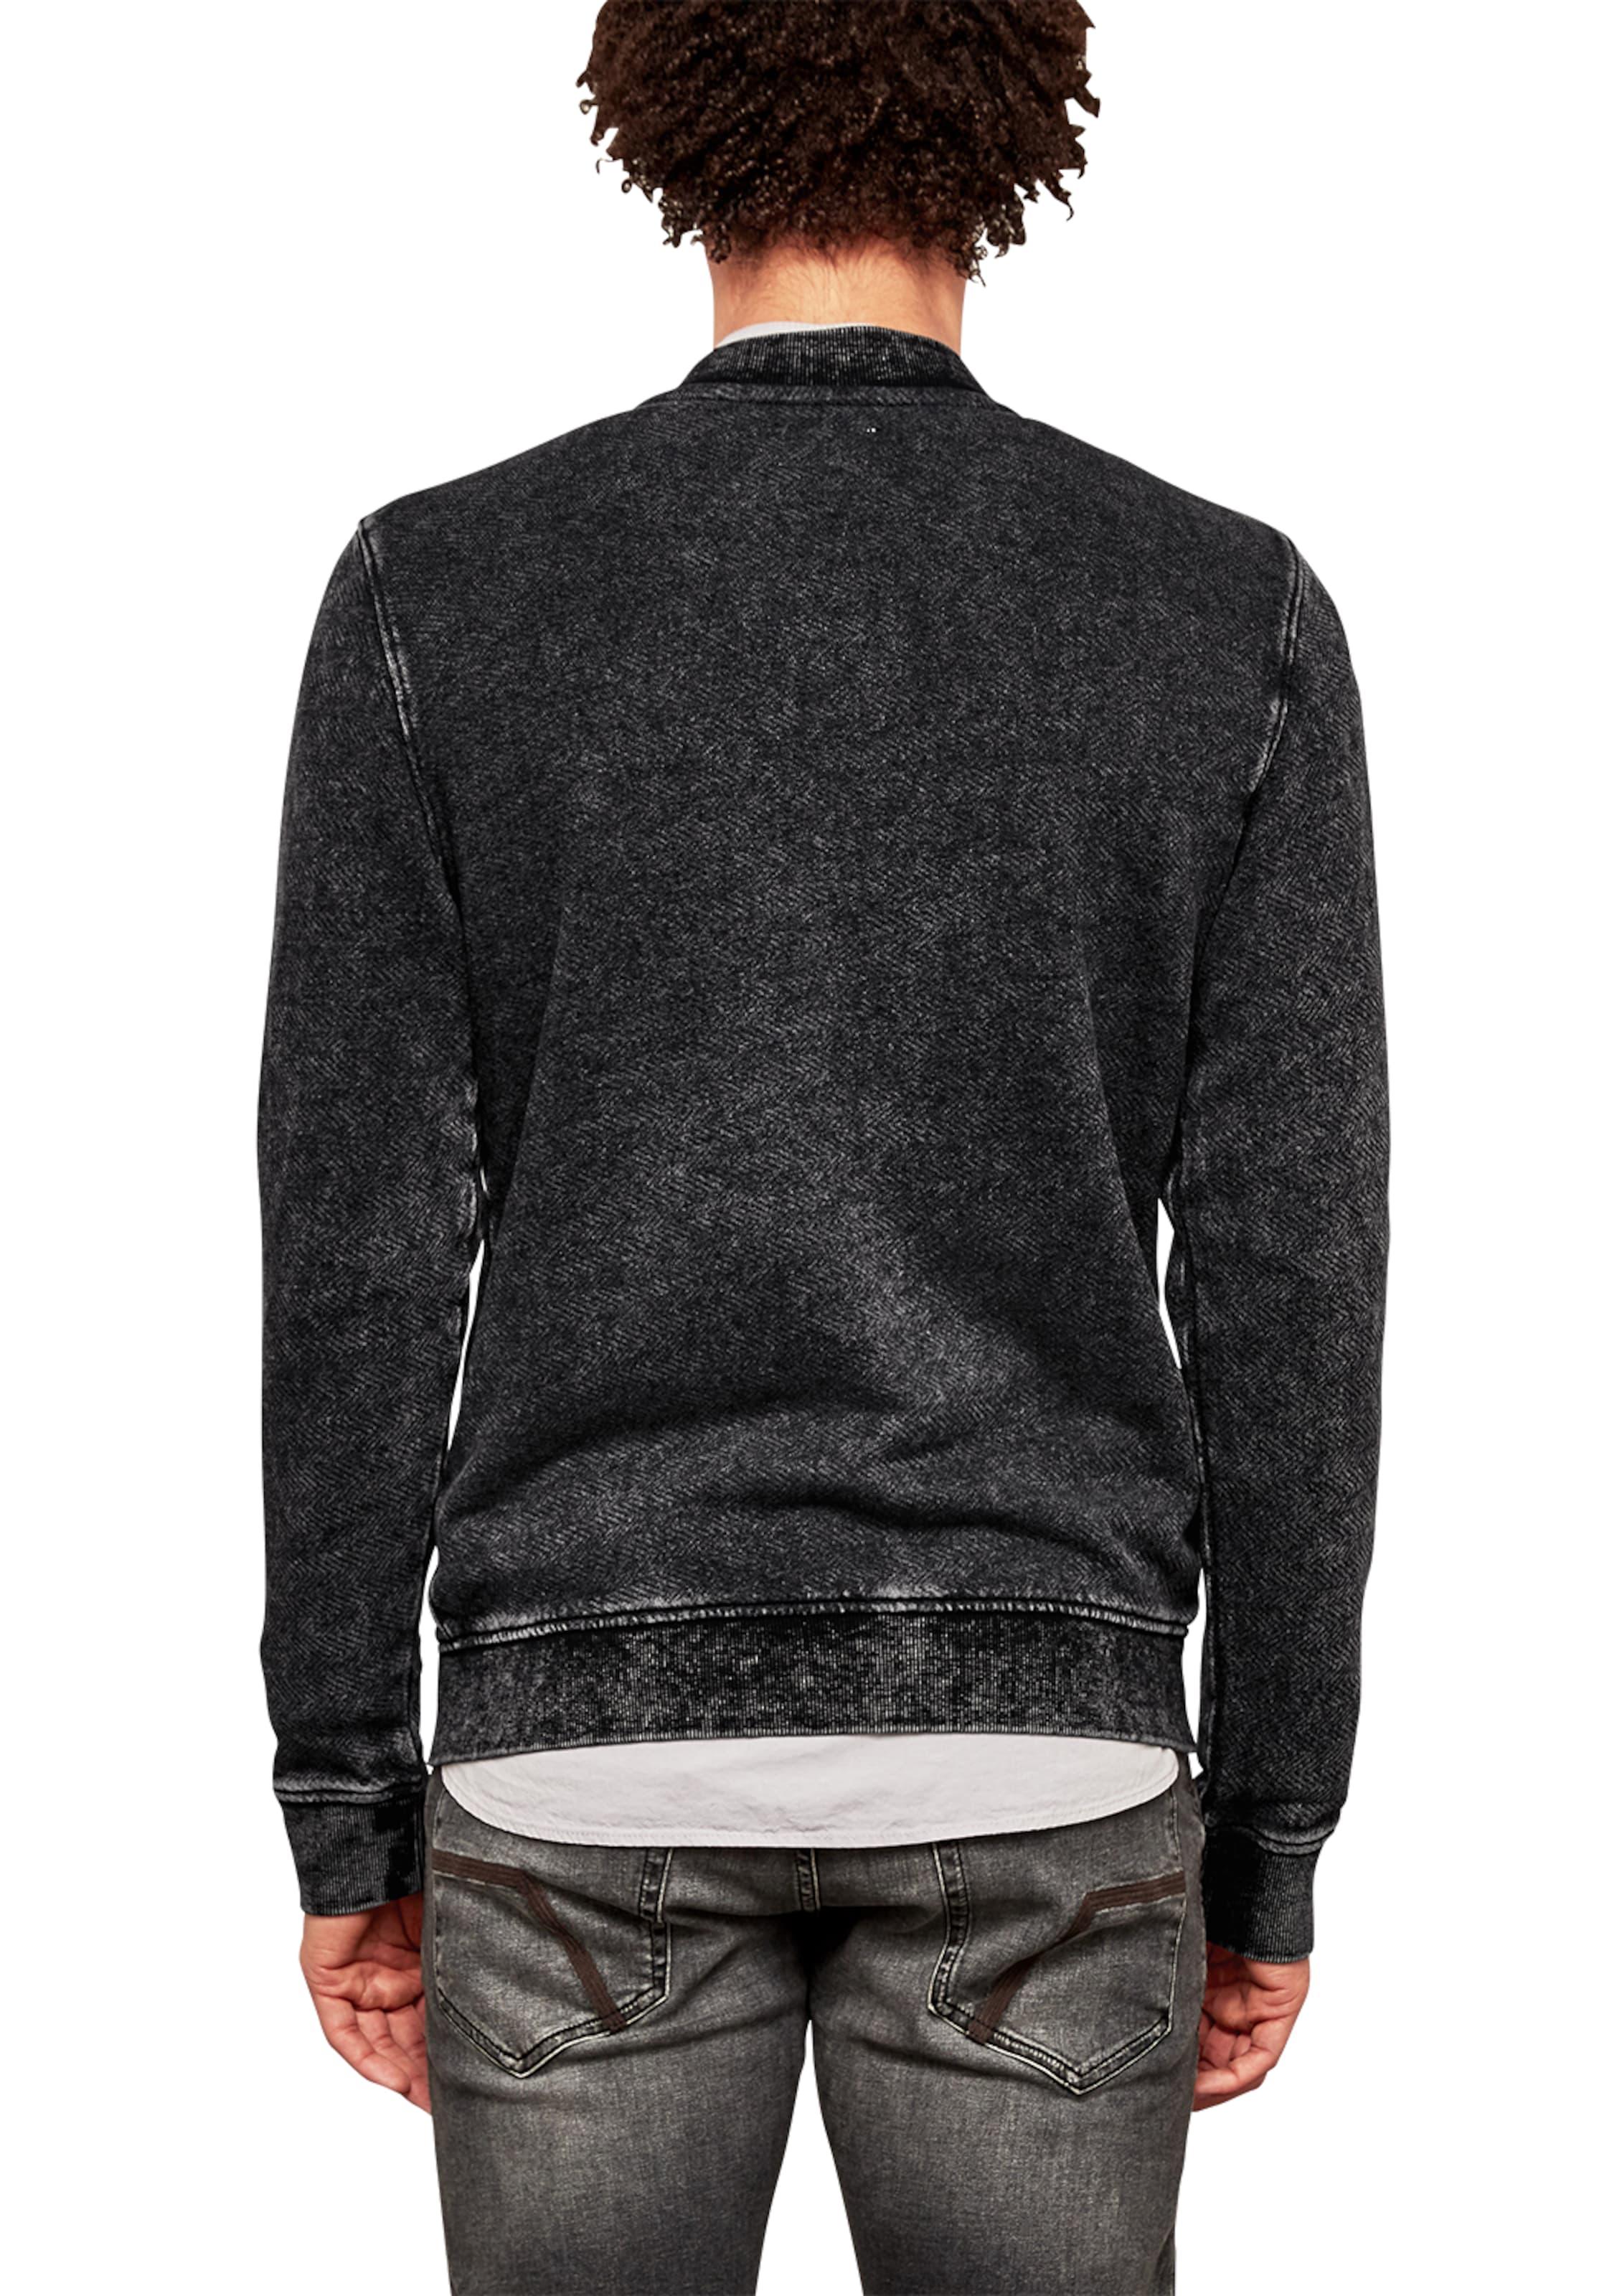 Q/S designed by Sweatshirt-Jacke im Blouson-Style Neueste Rabatt Niedrig Kosten Billig Verkauf Versand Niedriger Preis Gebühr Günstig Kaufen Neue Stile IVZgFjI